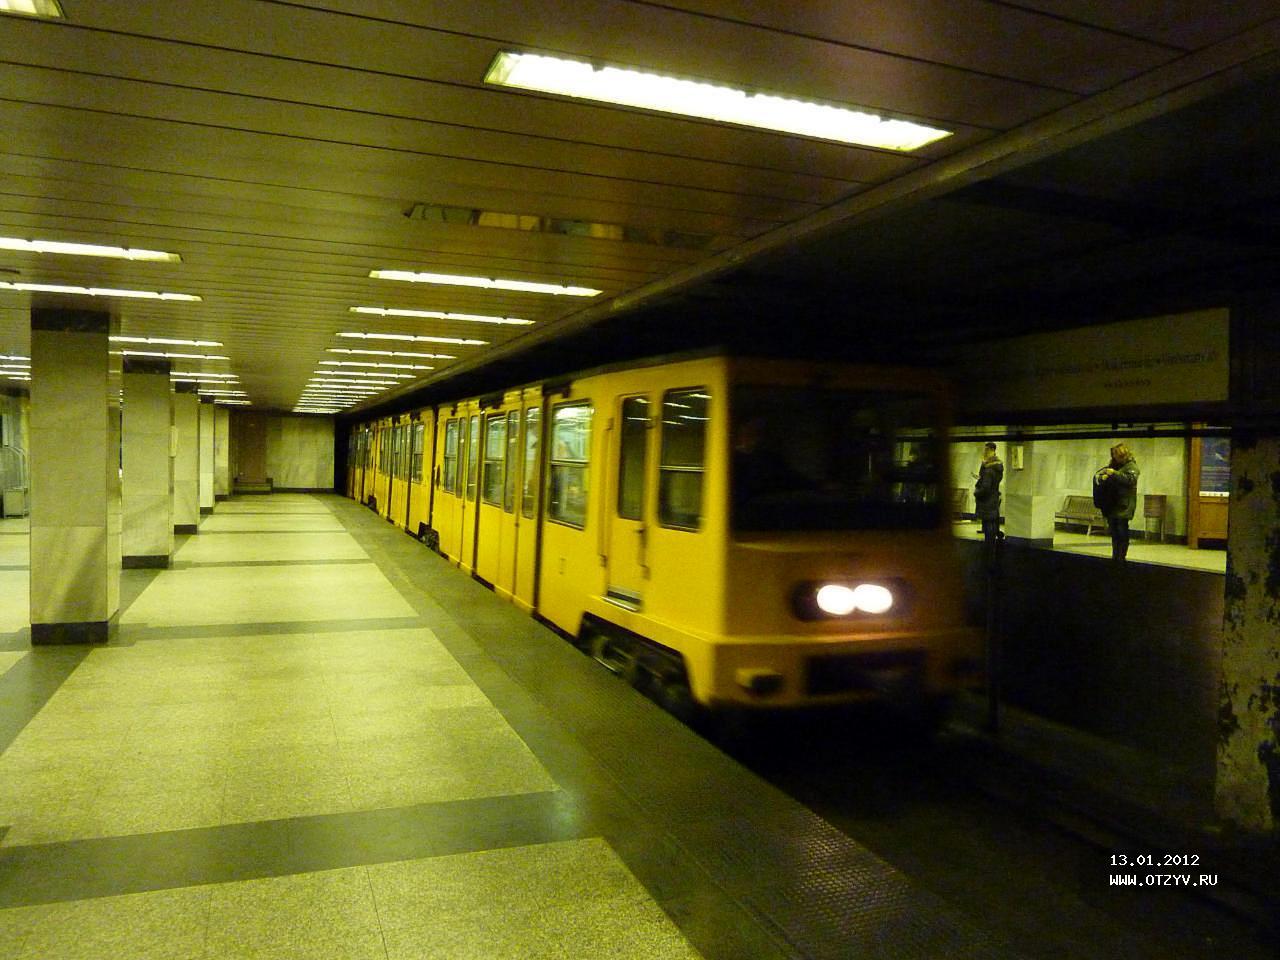 люди отказывают метро будапешта билеты и время сова